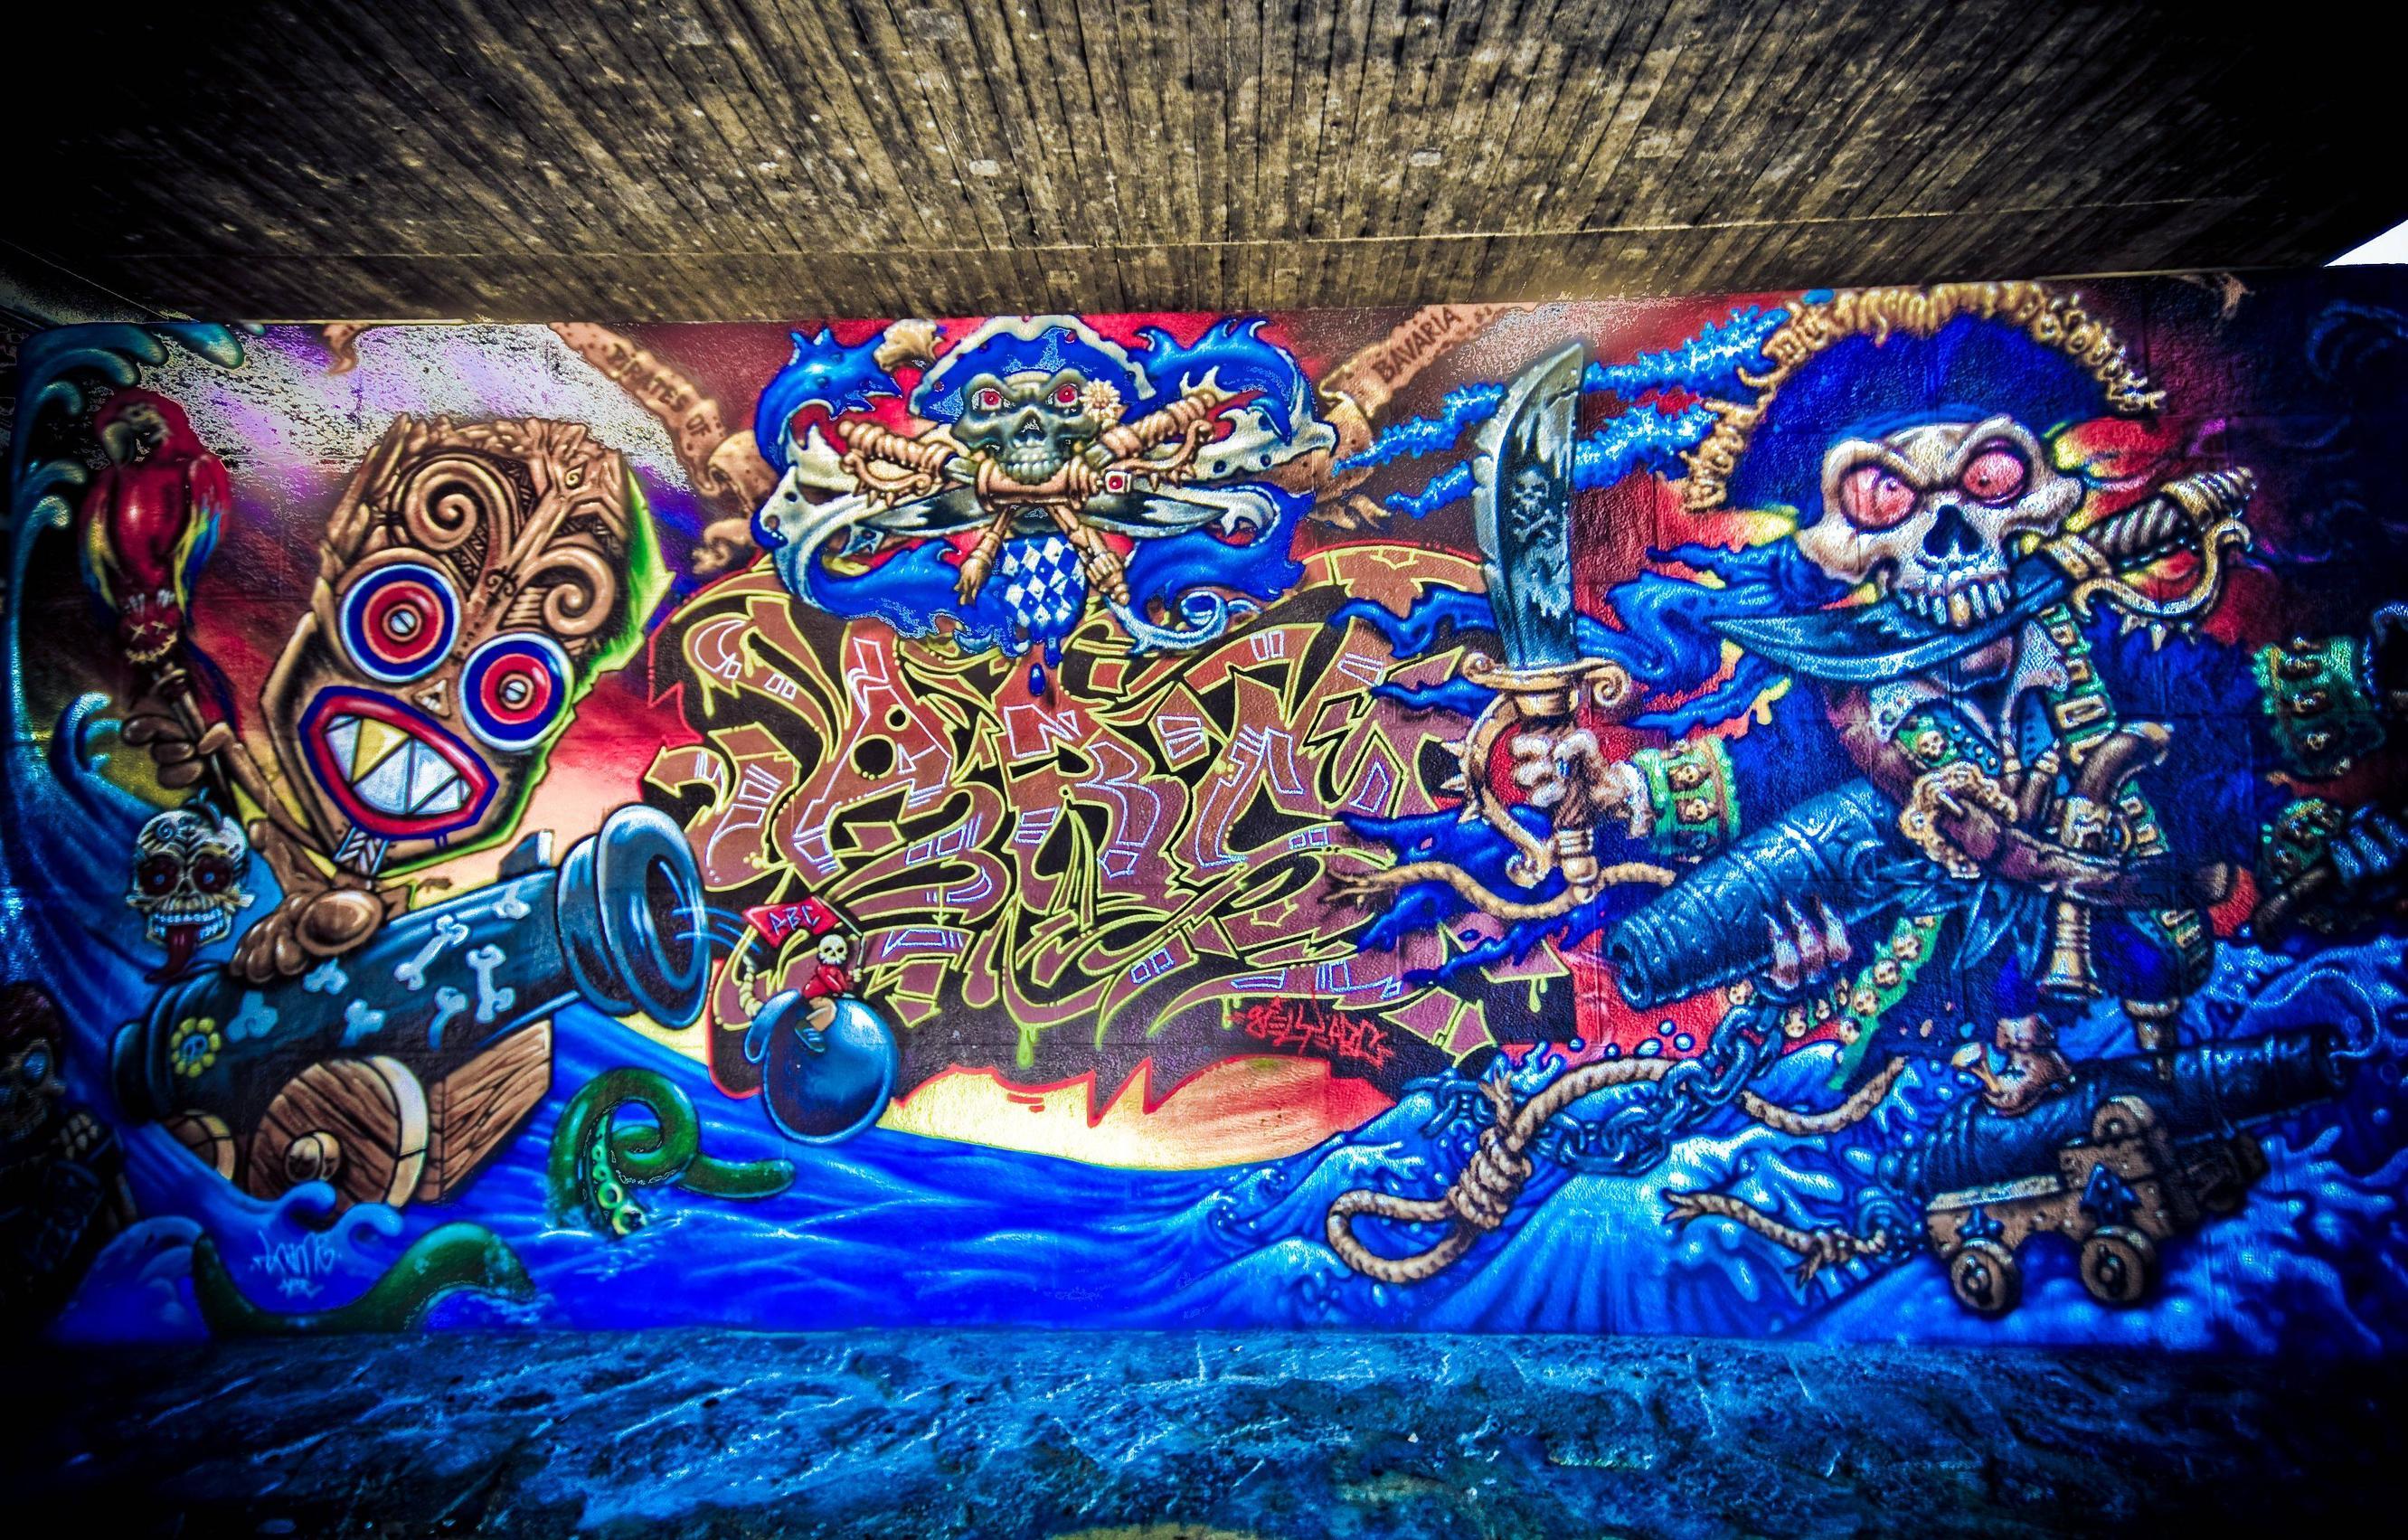 graffiti art wallpaper #18